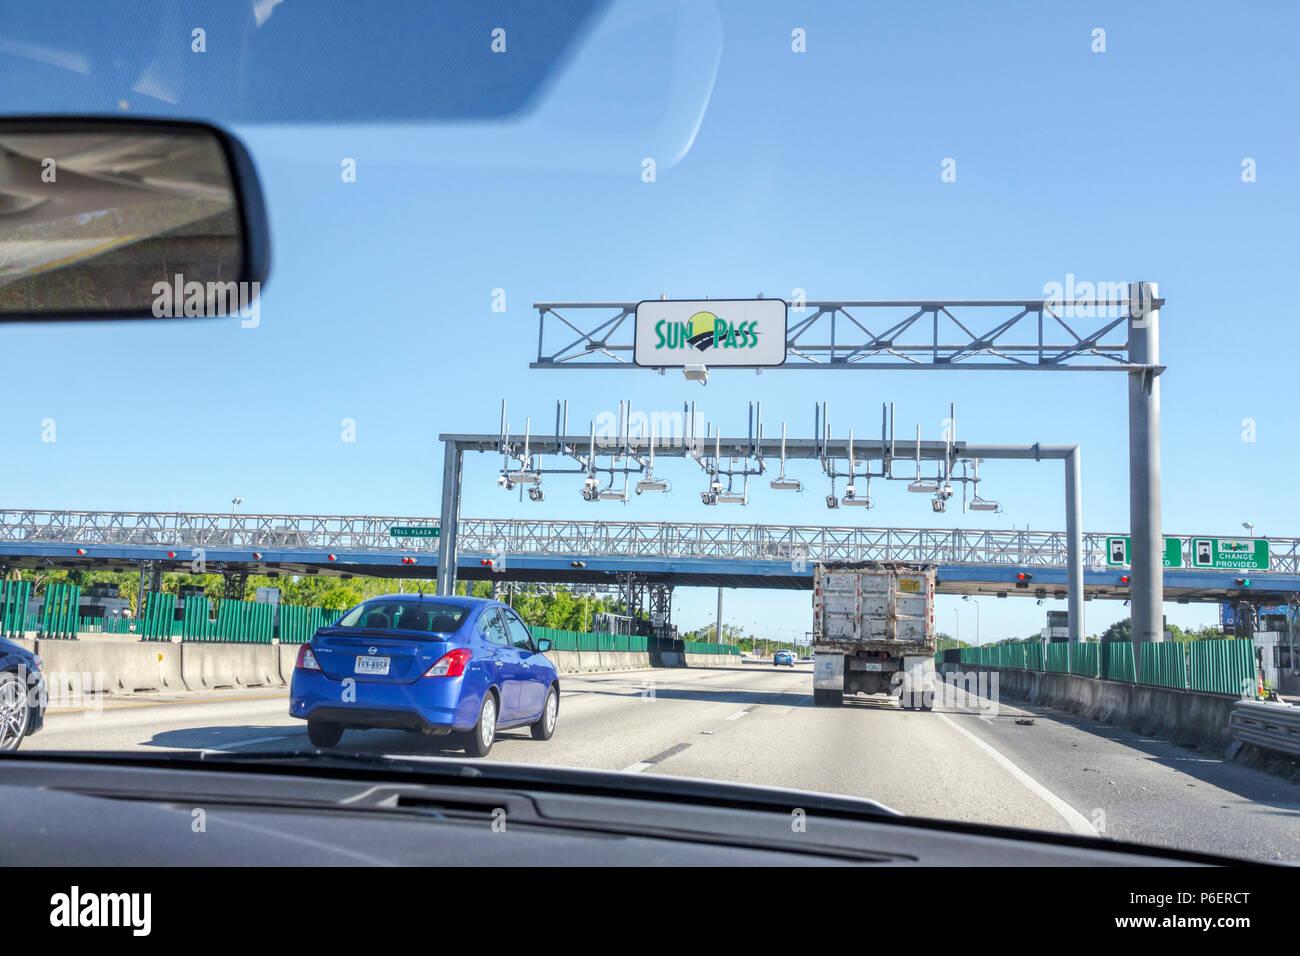 Floride Fort Ft. Lauderdale Florida Turnpike route à péage électronique prépayé SunPass péage autoroute trafic voiture camion véhicules en mouvement Photo Stock